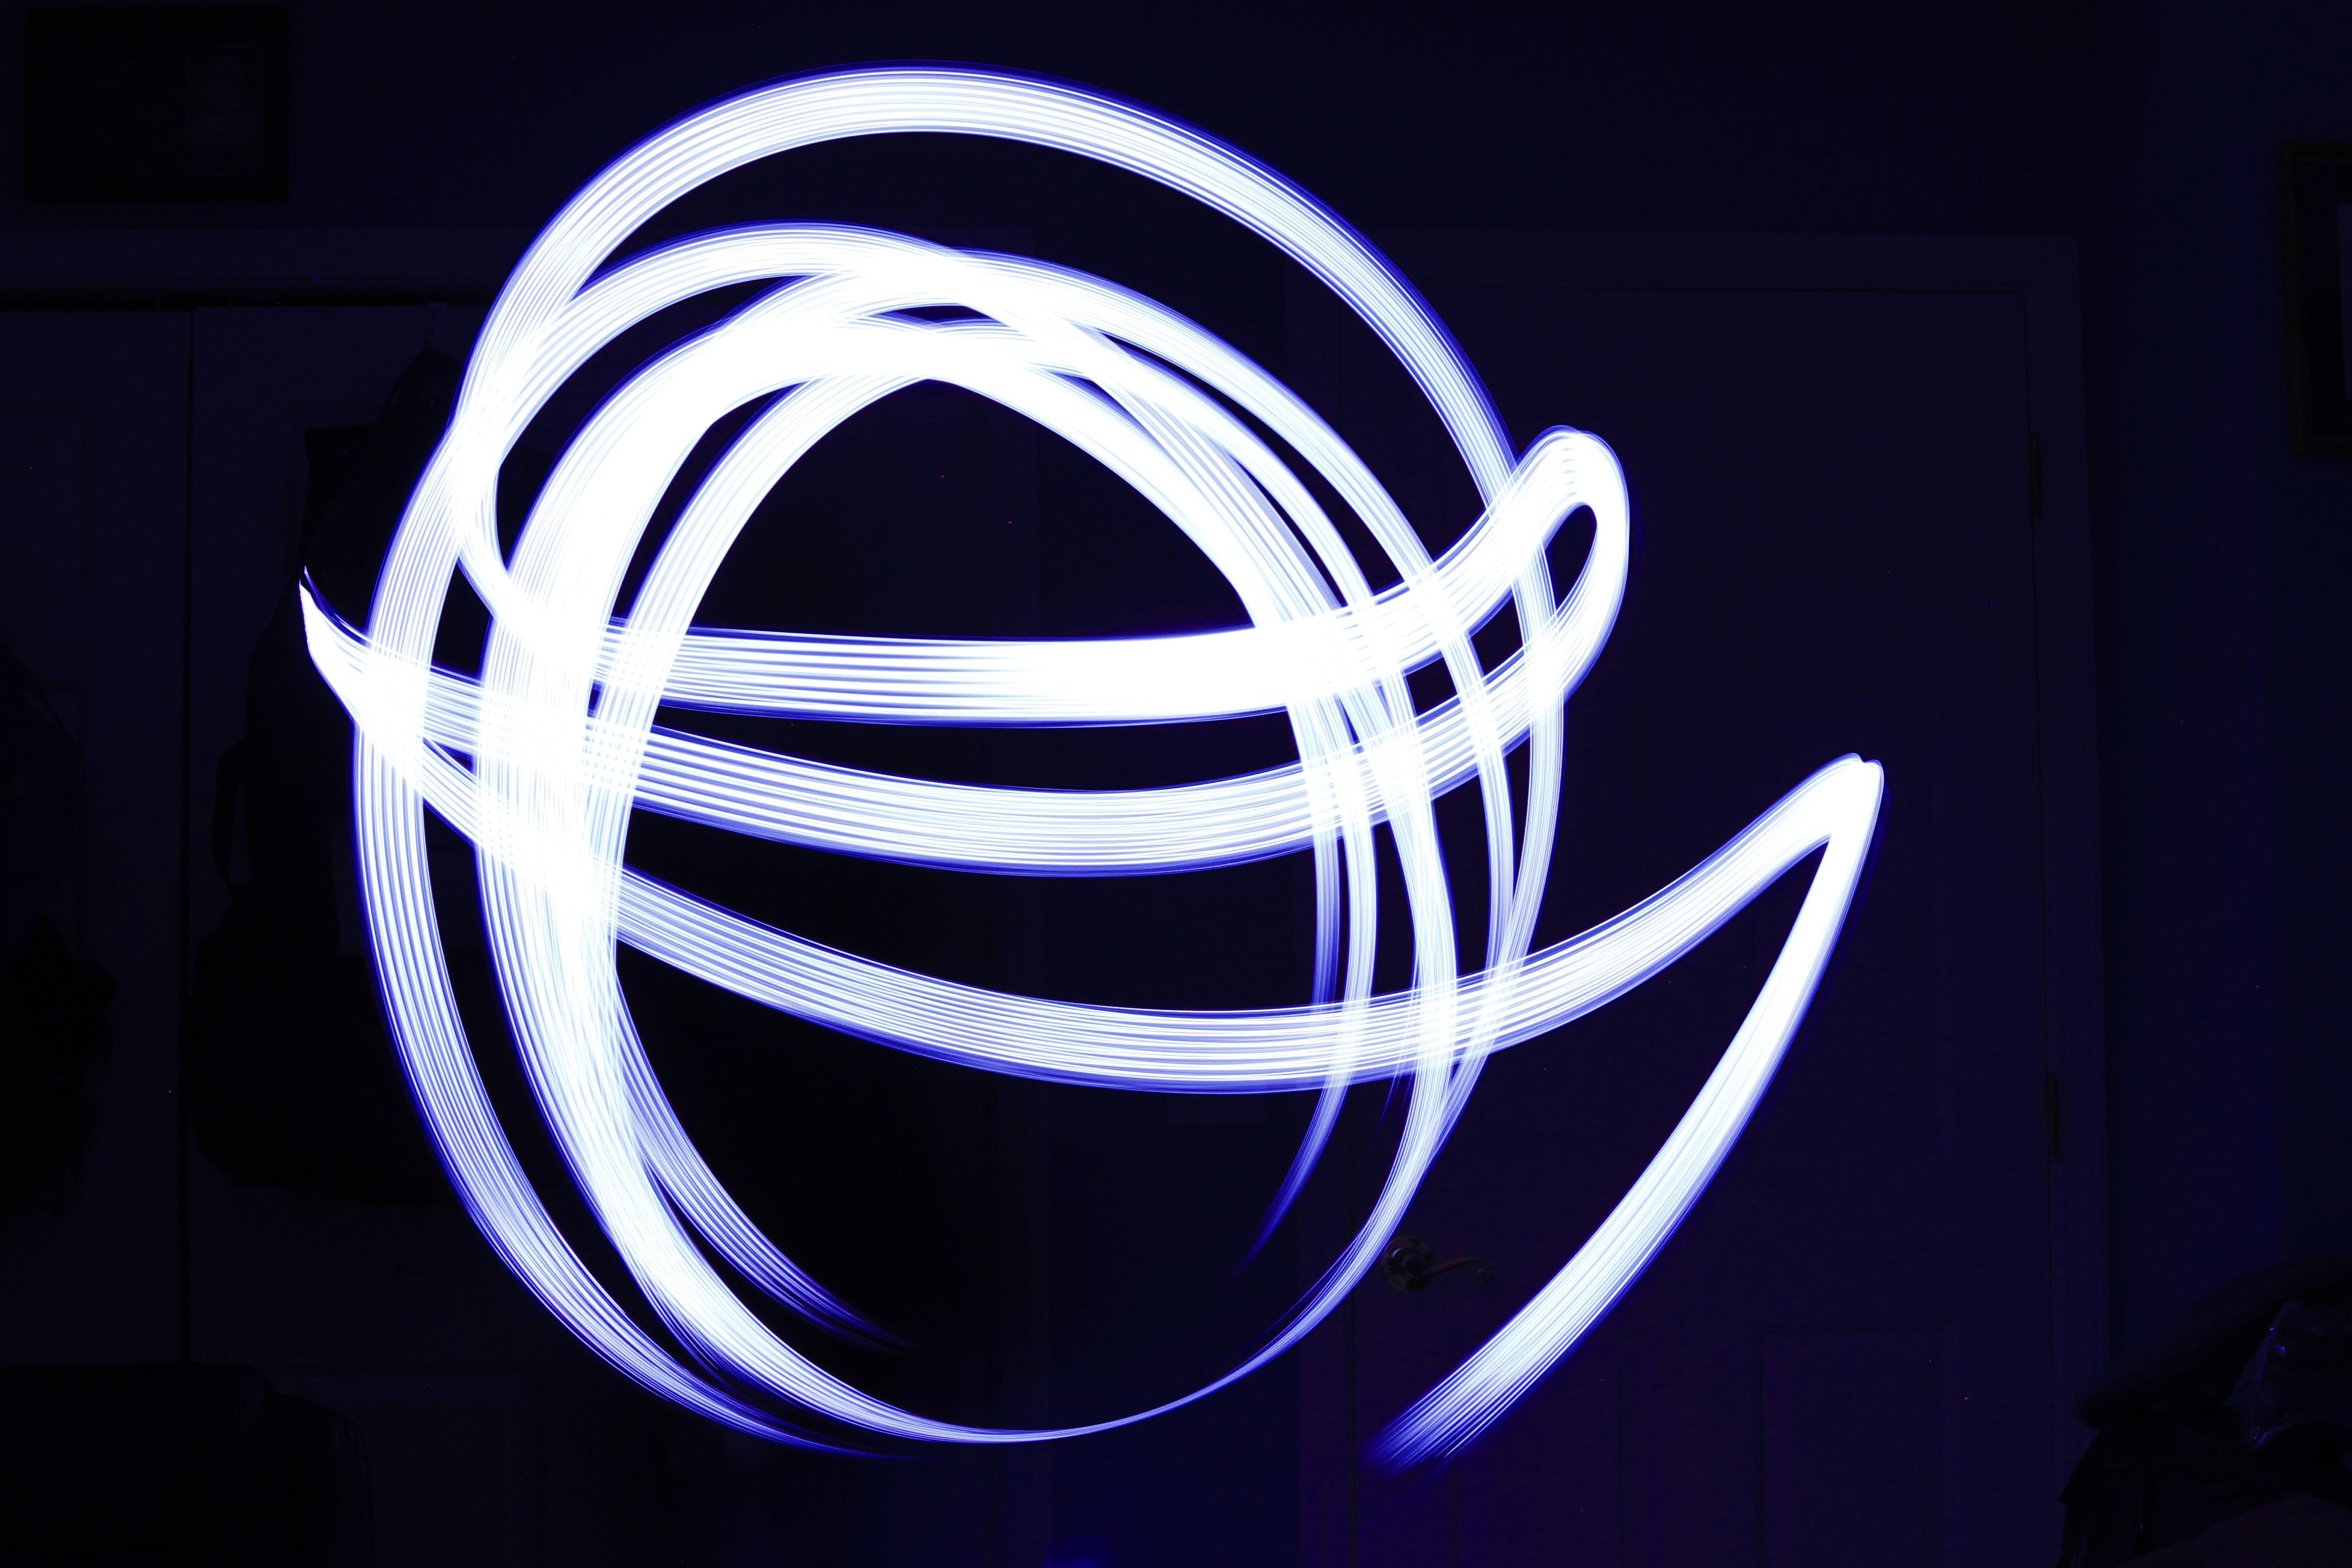 LED flashlight, painting or moving light., Black background, Circle, Flashlight, Led, HQ Photo